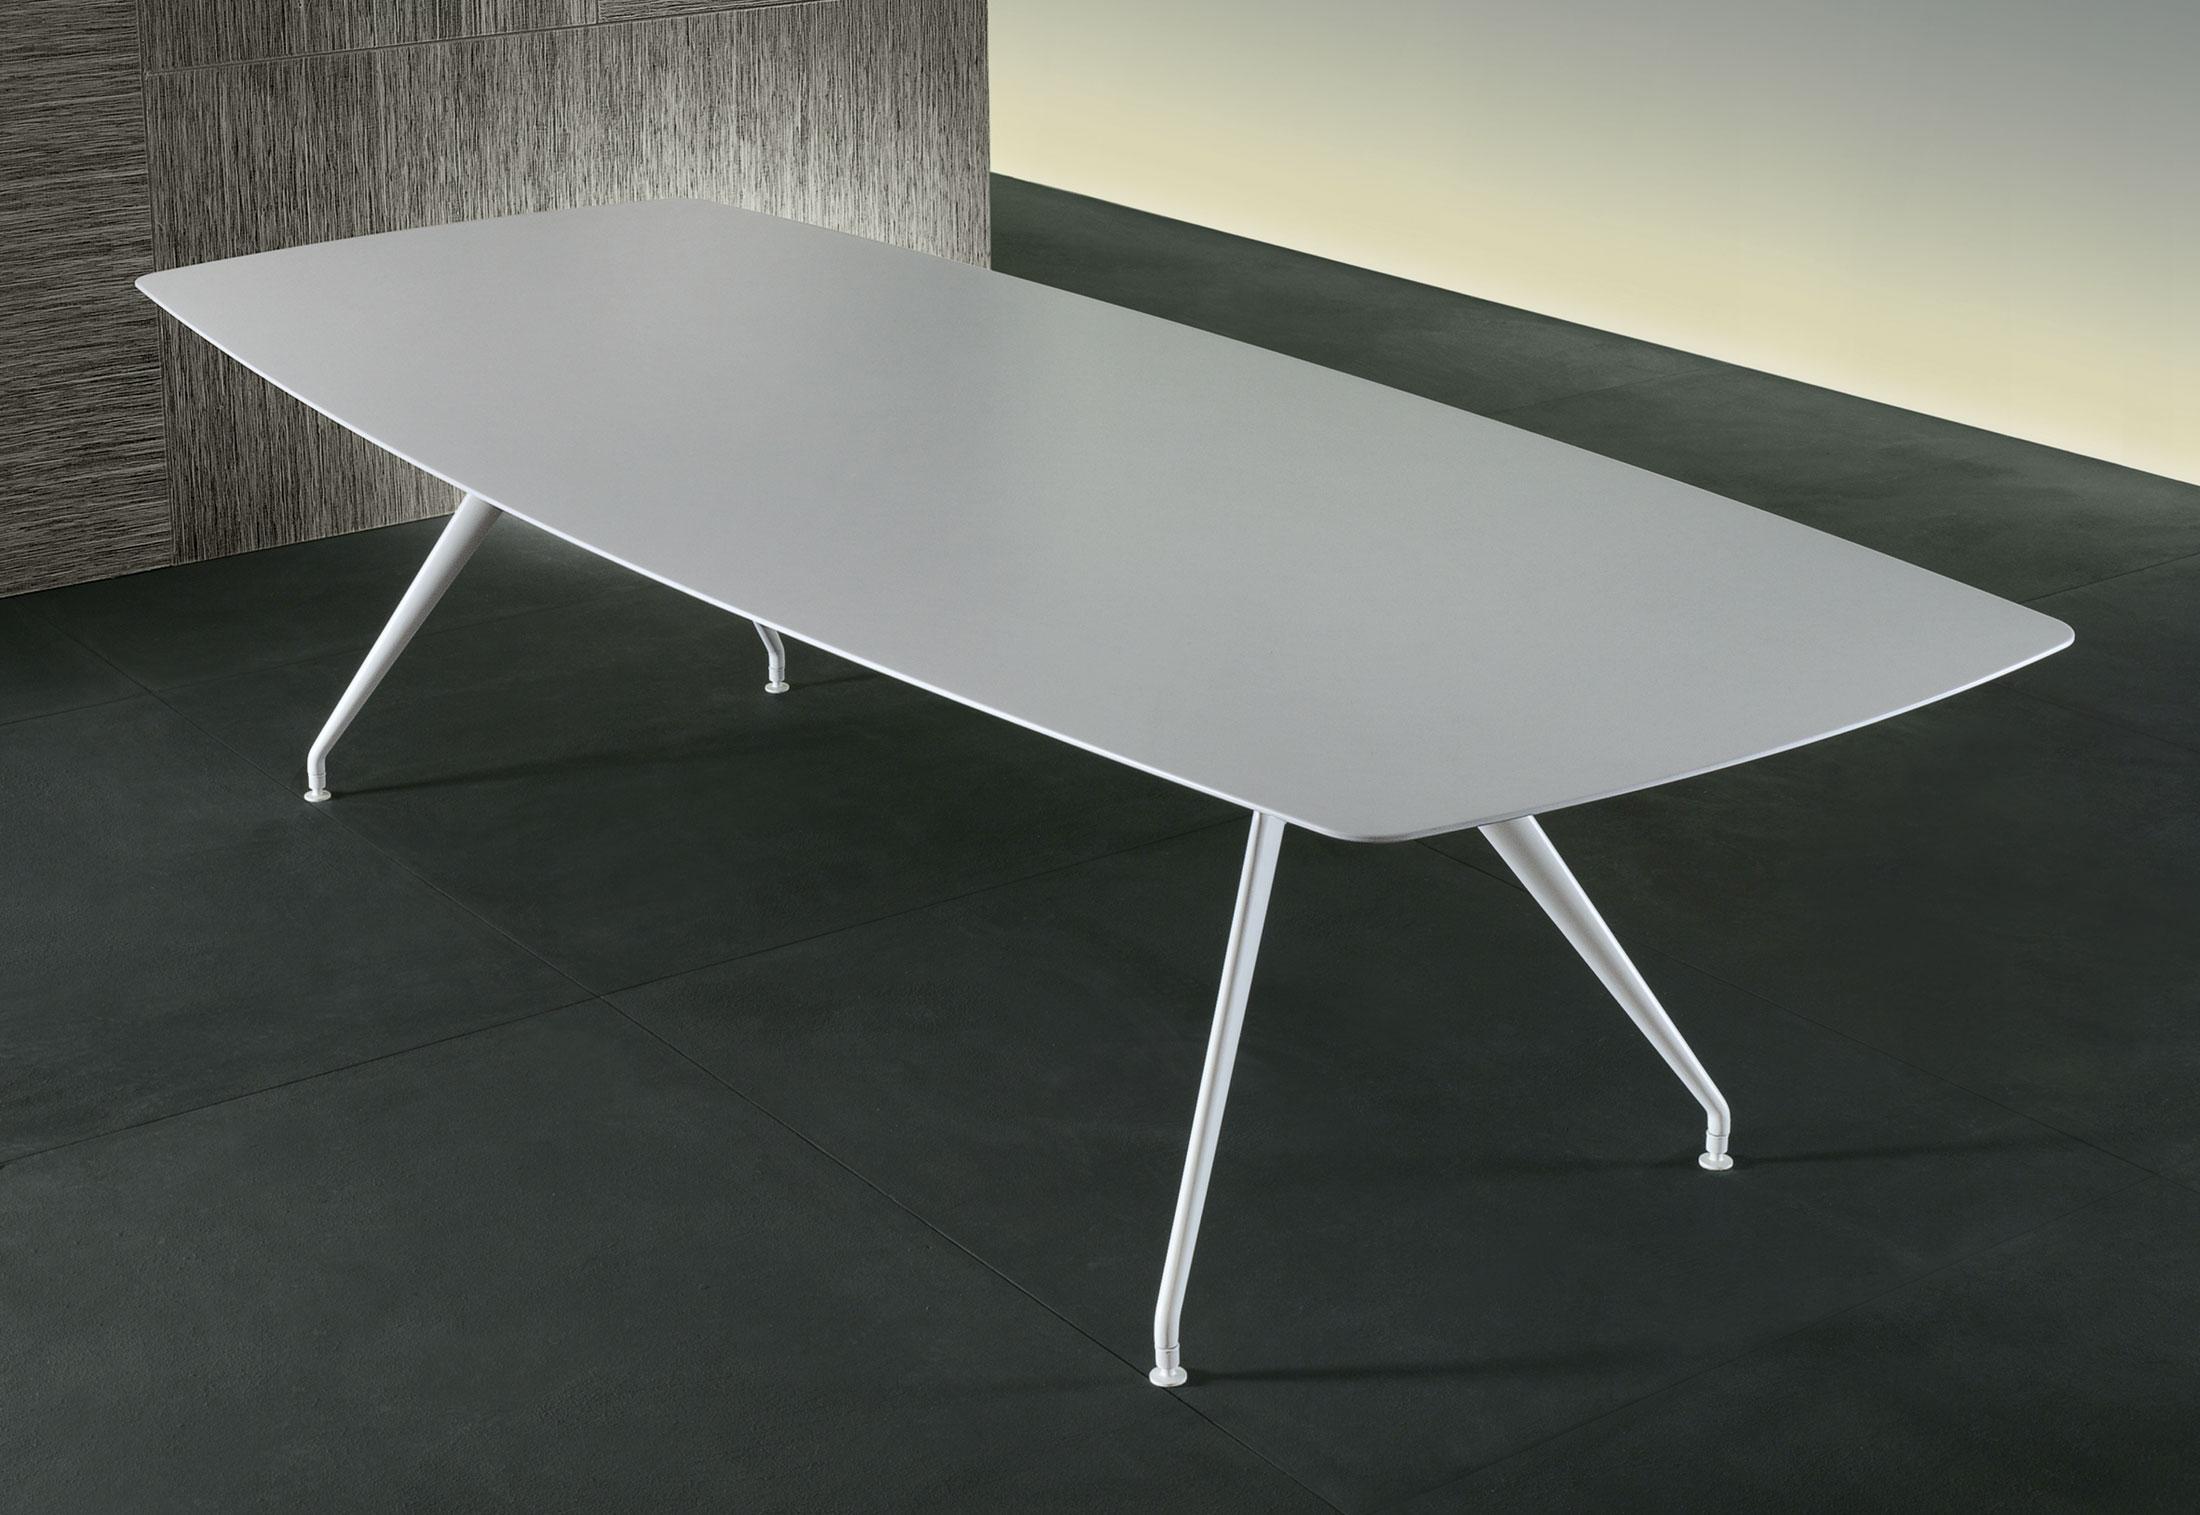 Manta di rimadesio tavoli arredamento mollura home design - Tavolo manta rimadesio ...